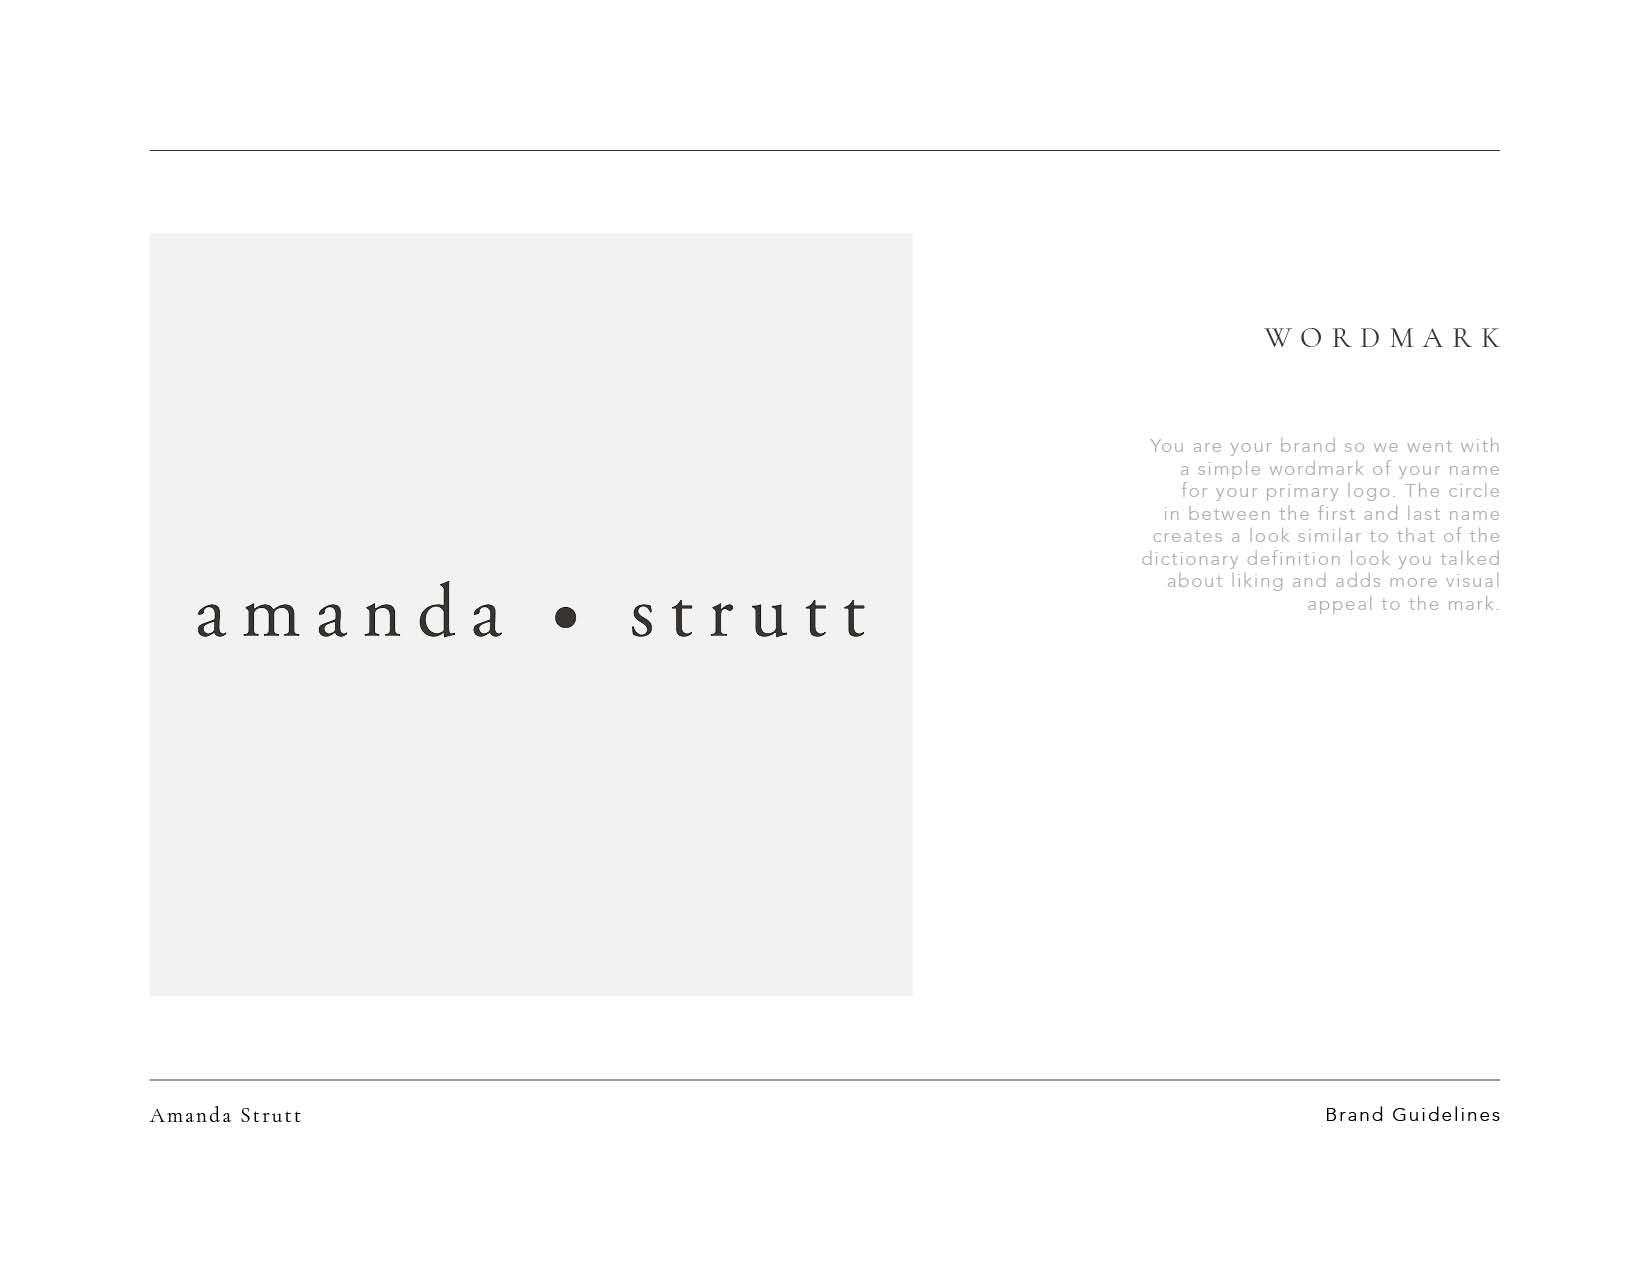 amanda-strutt_brand-guidelines.jpg